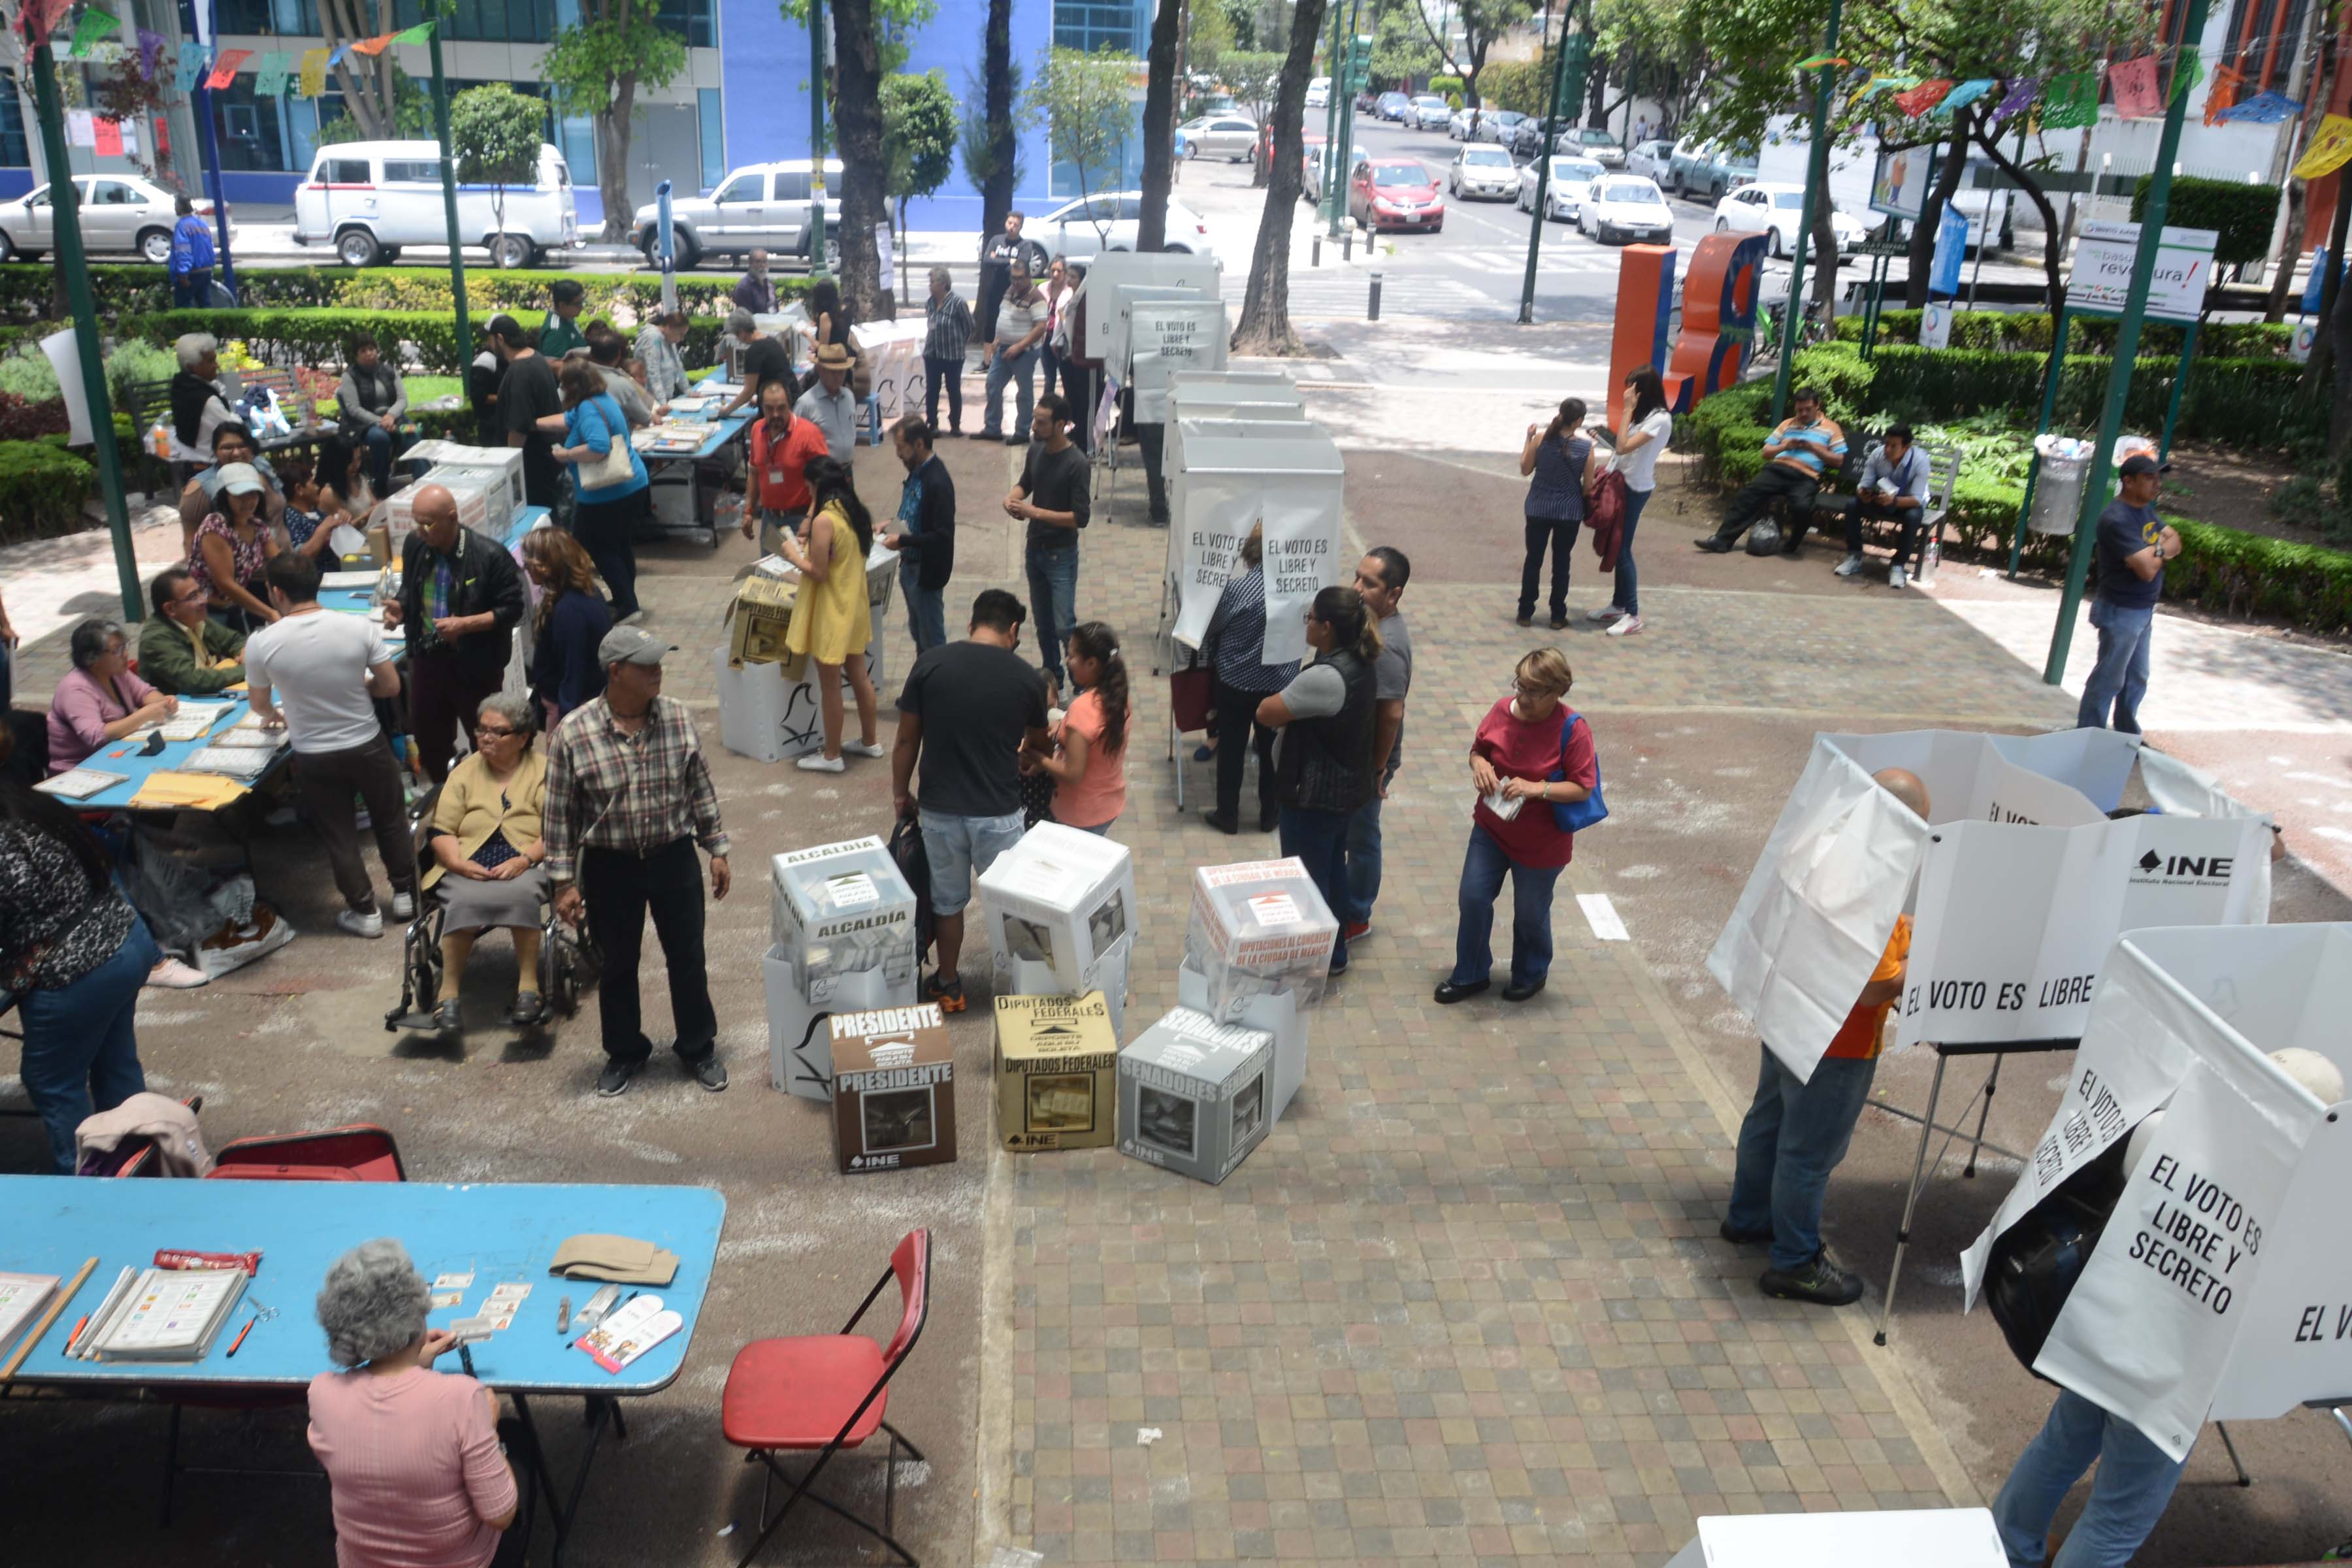 Reconoce IECM la participación histórica de la ciudadanía en el Proceso Electoral de la Ciudad de México